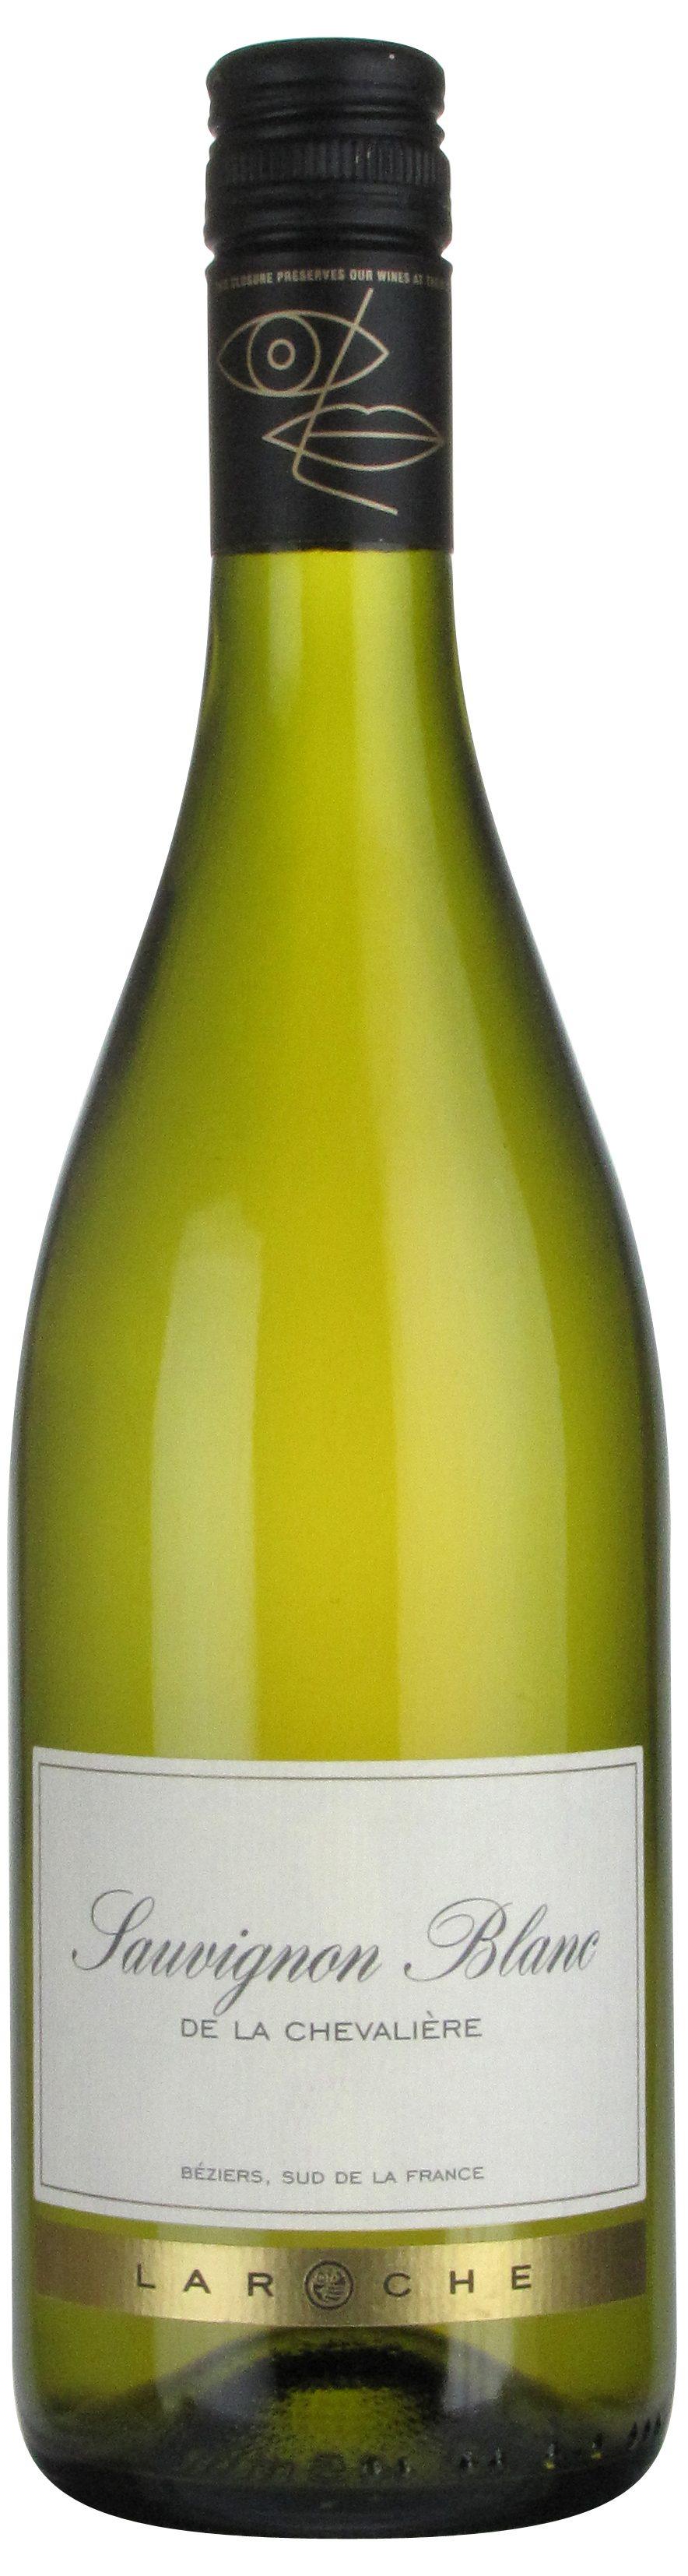 Laroche Sauvignon Blanc de la Chevalière